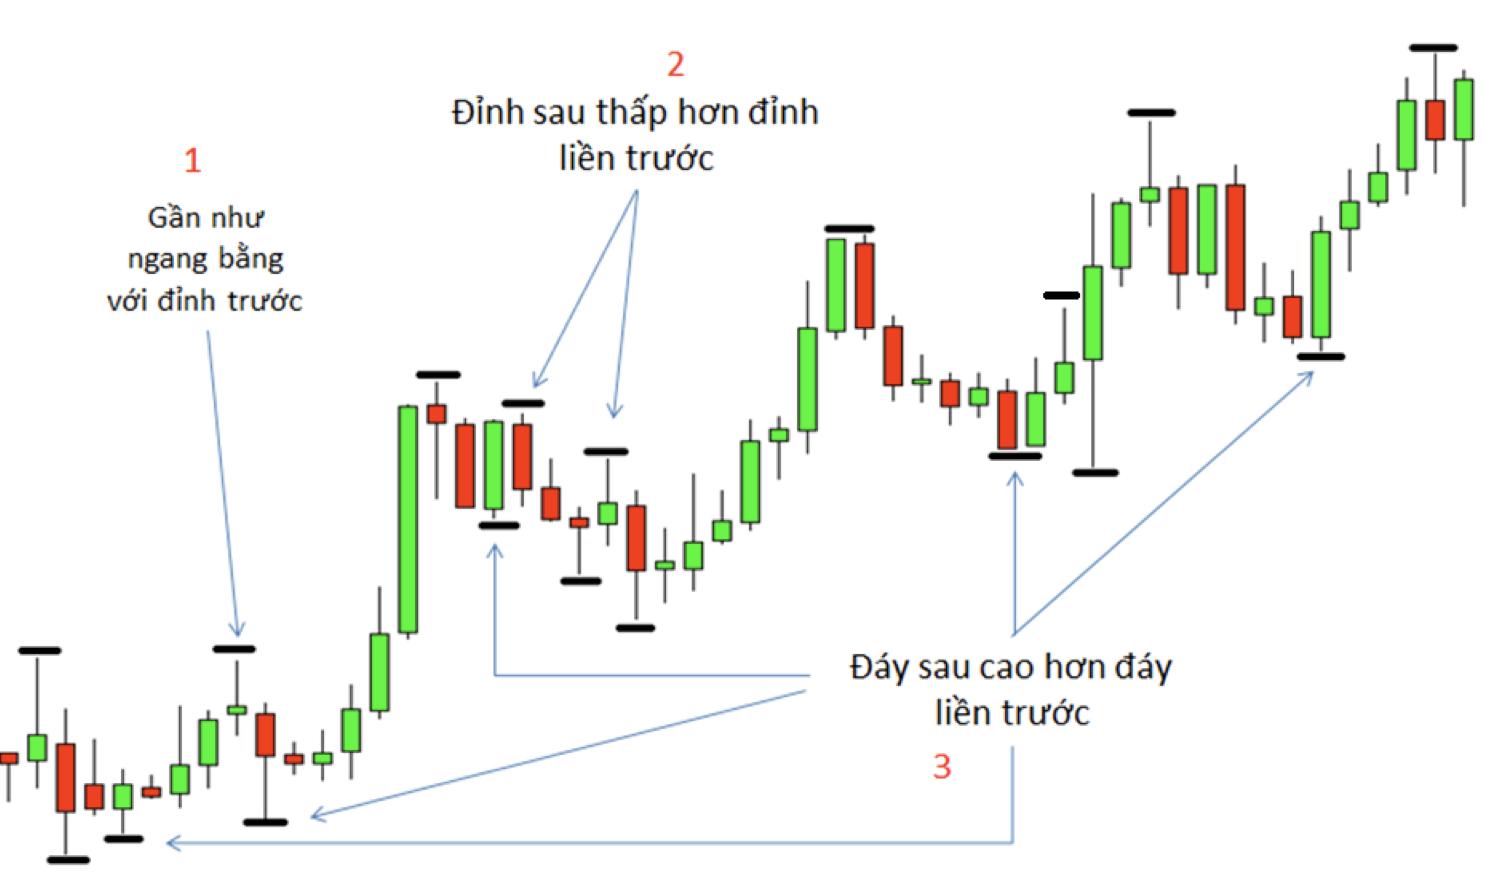 Điểm chốt thị trường phần 1 – Điểm chốt cơ bản và thứ cấp